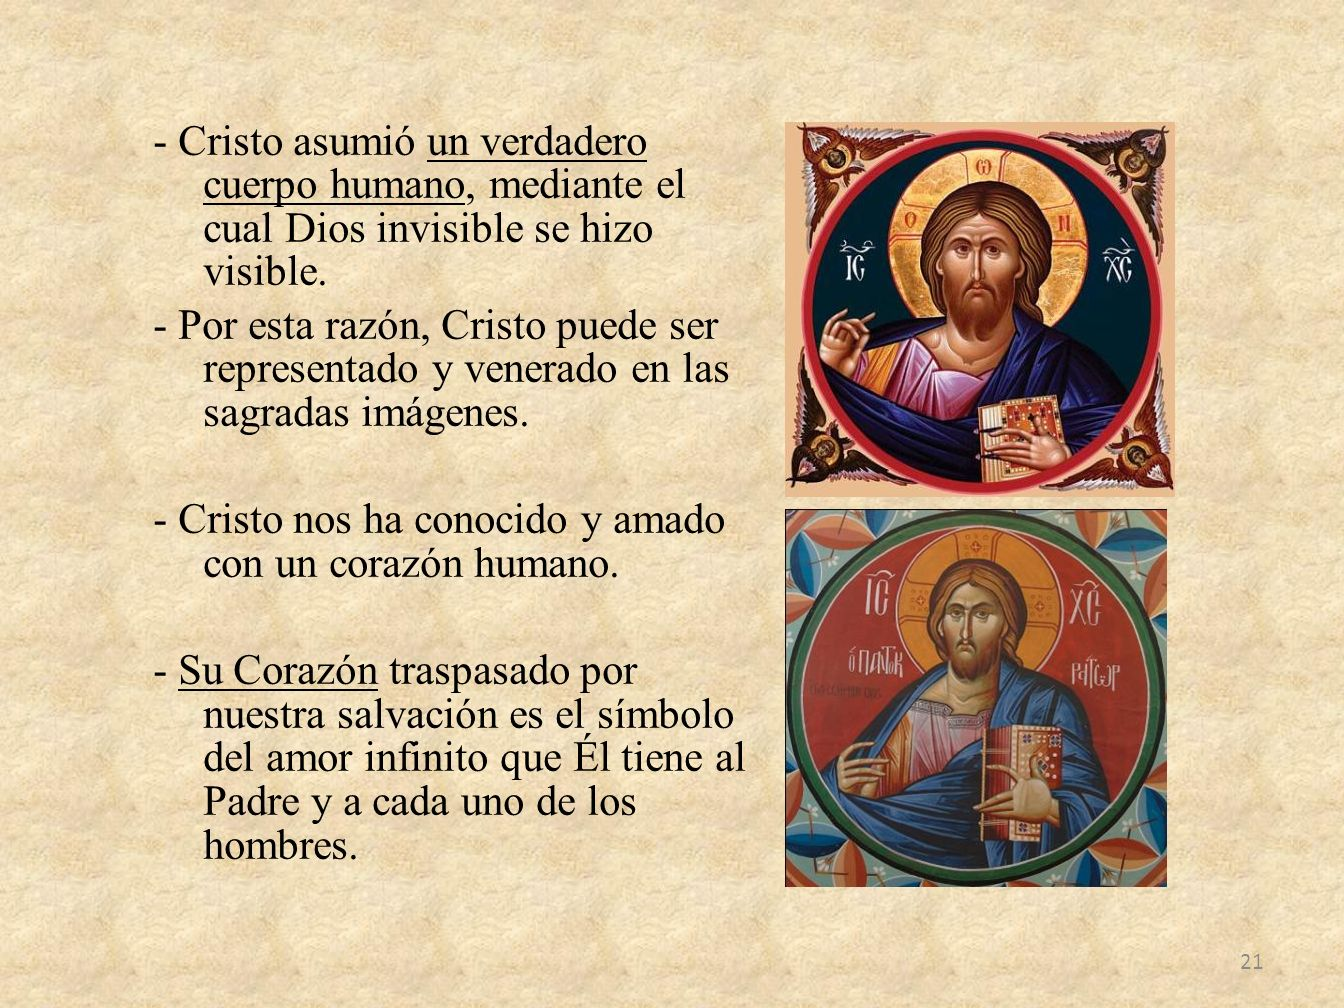 - Cristo asumió un verdadero cuerpo humano, mediante el cual Dios invisible se hizo visible.